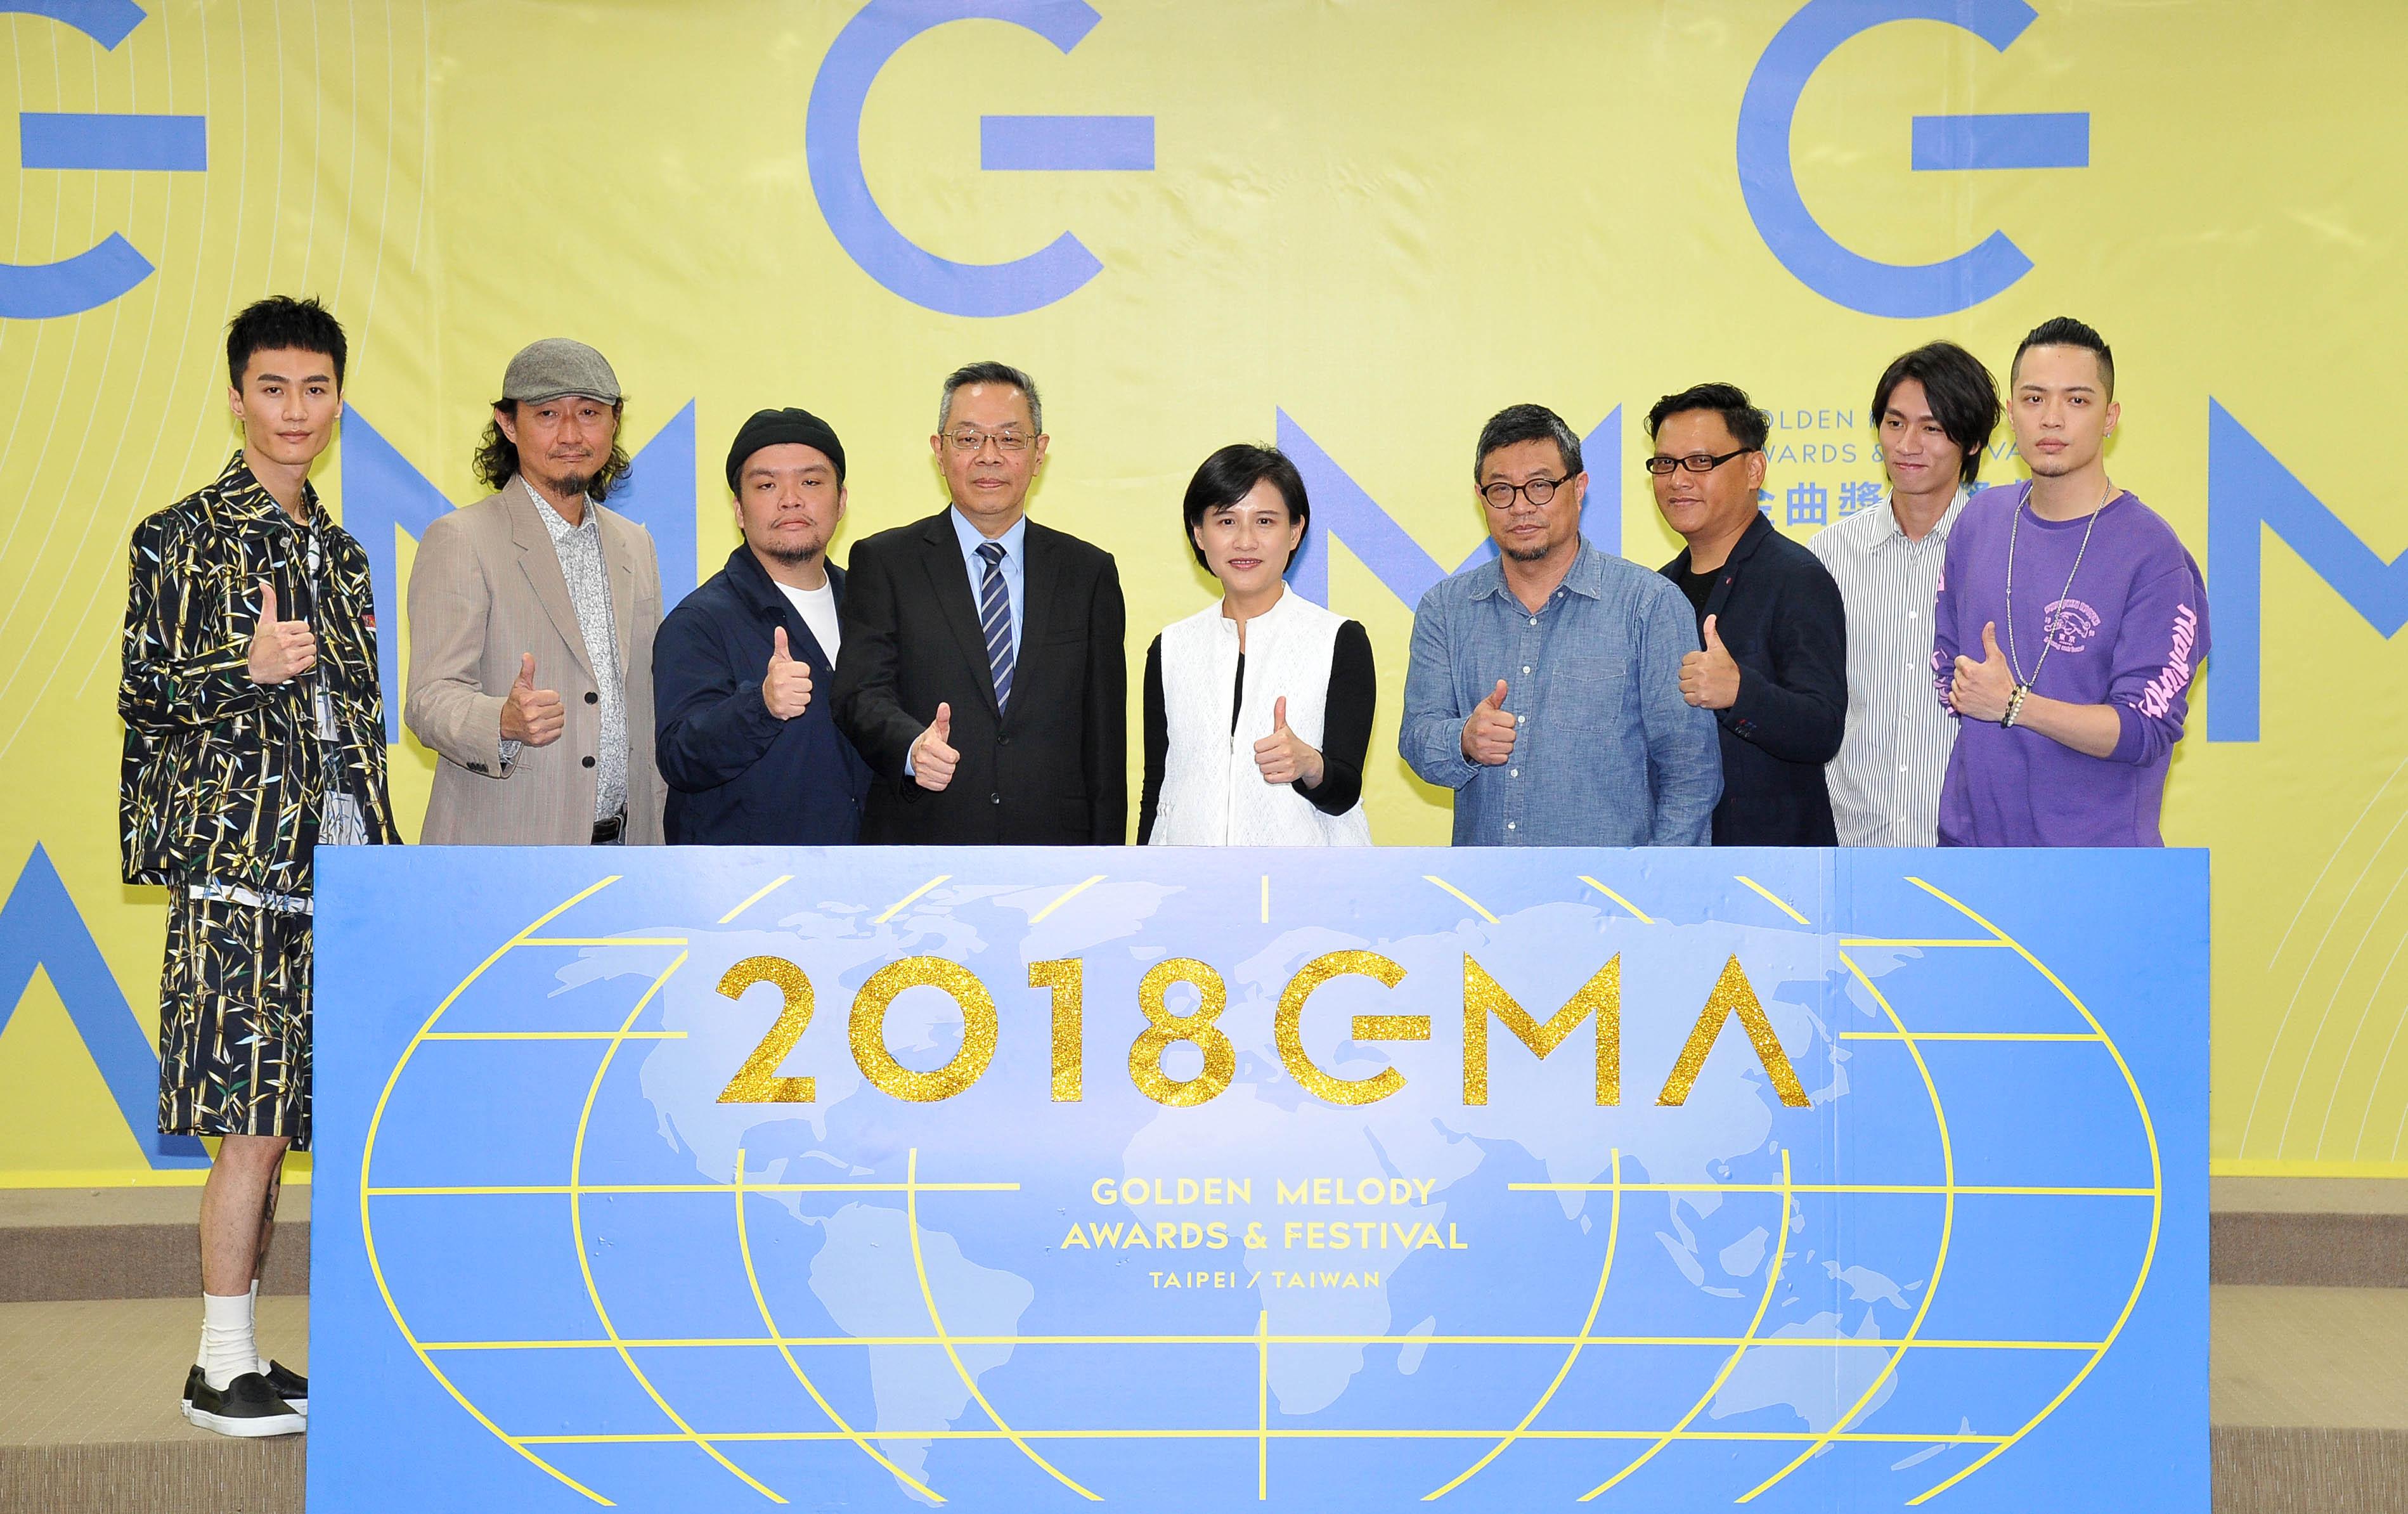 「2018 GMA金曲獎頒獎典禮暨國際音樂節」起跑記者會